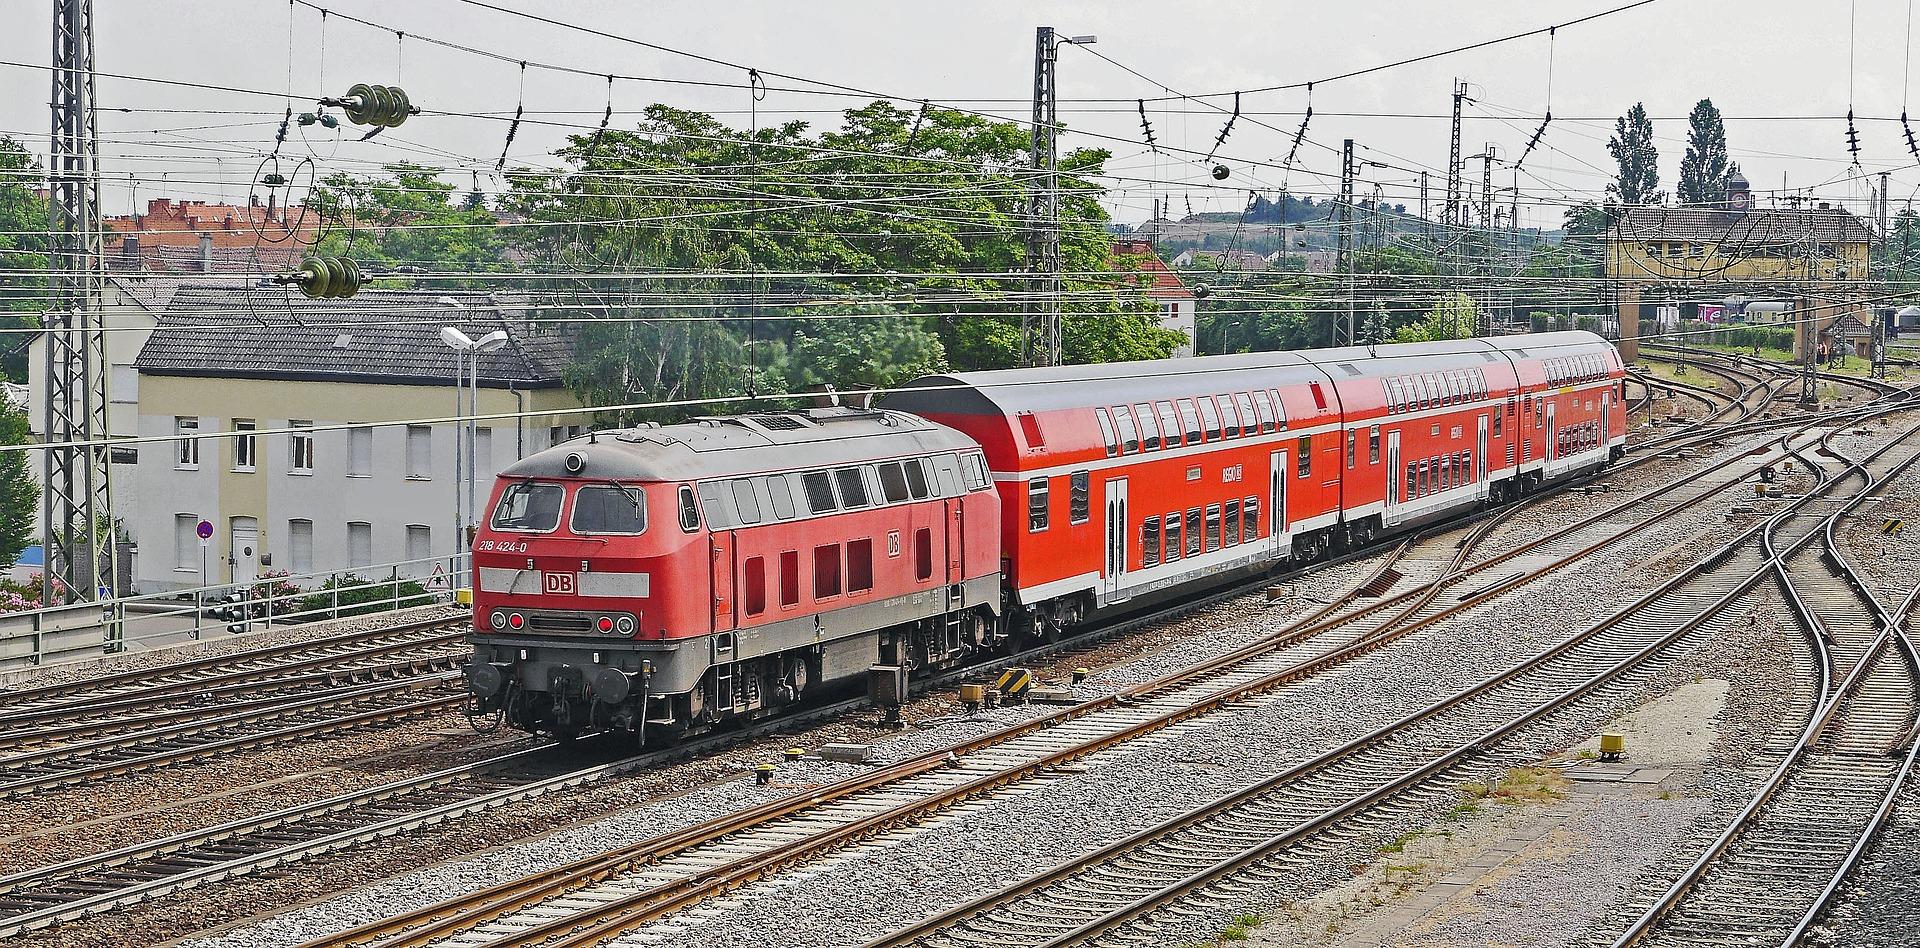 Mit einem landesweiten Semesterticket könnte es bald auch per Regionalexpress durch Baden-Württemberg gehen. Bild: Pixabay